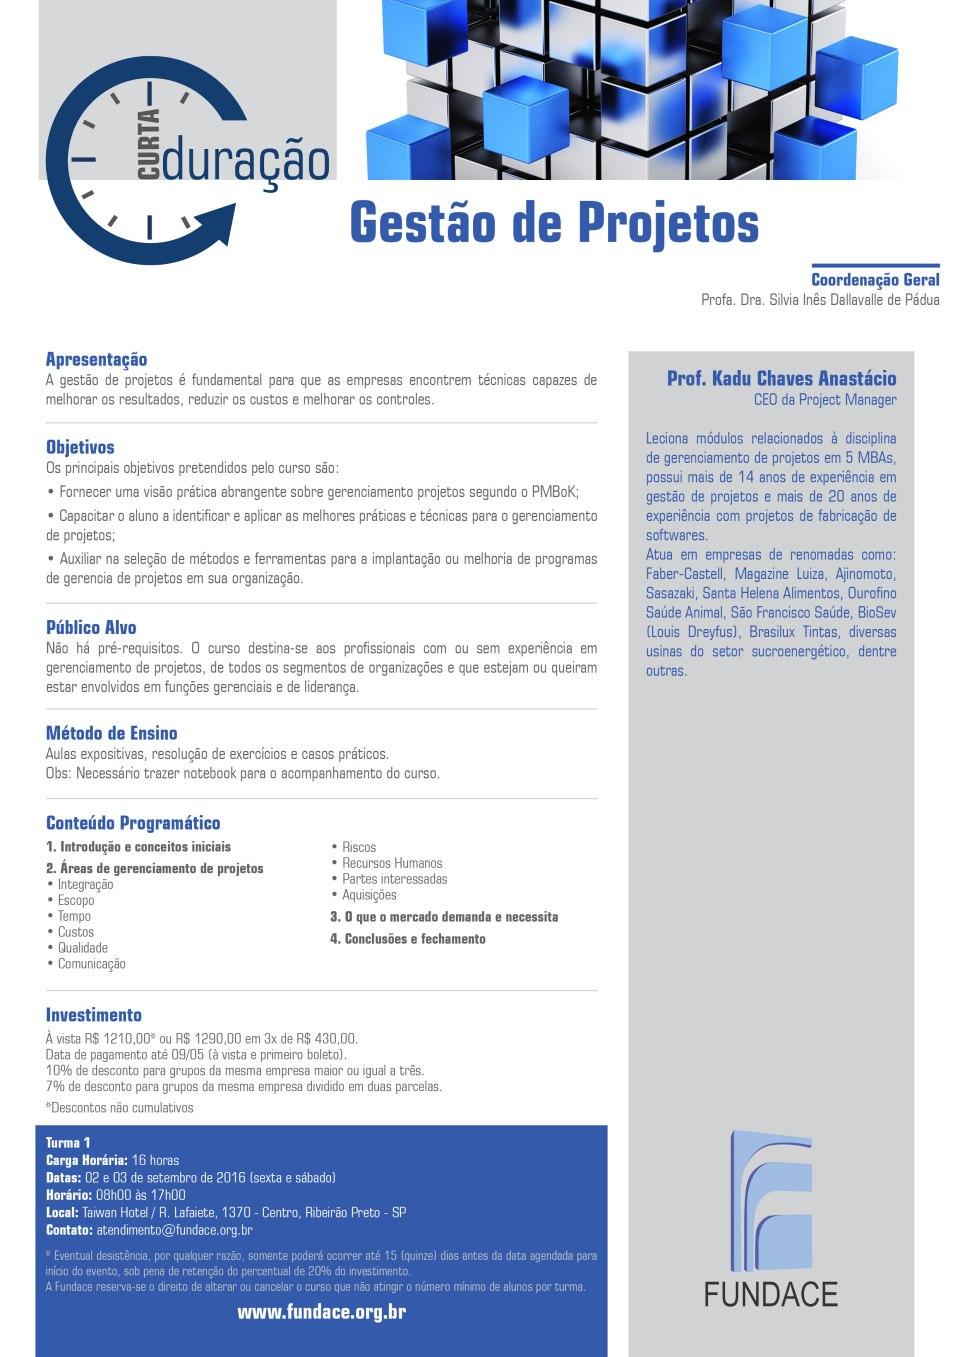 Gestão-de-Projetos